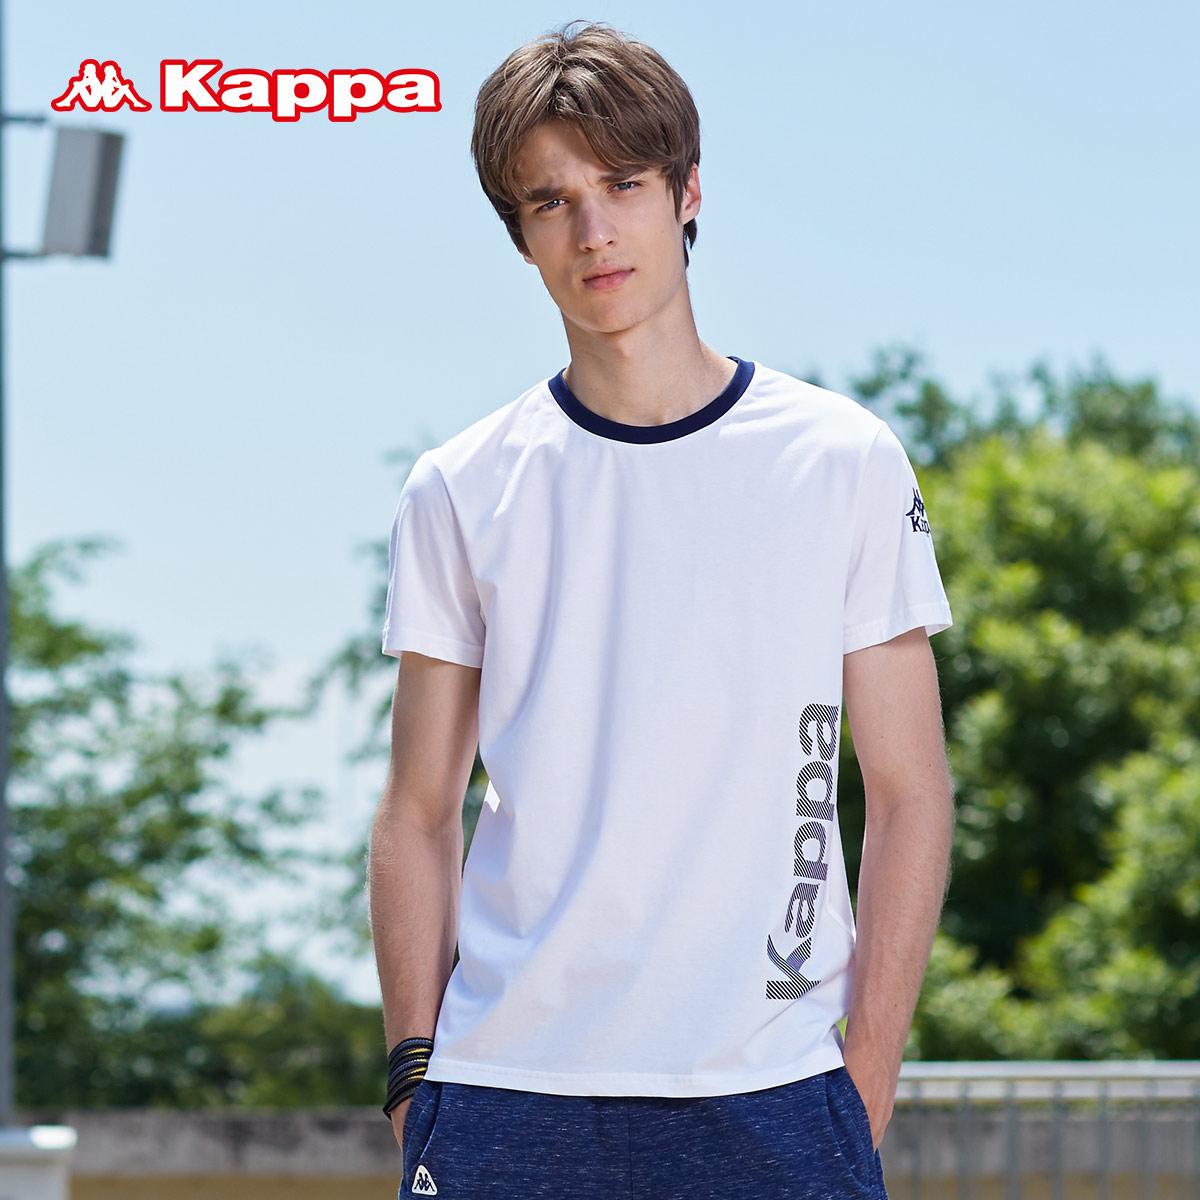 Kappa 男运动短袖印花T恤透气休闲上衣健身衣|K0712TD03D